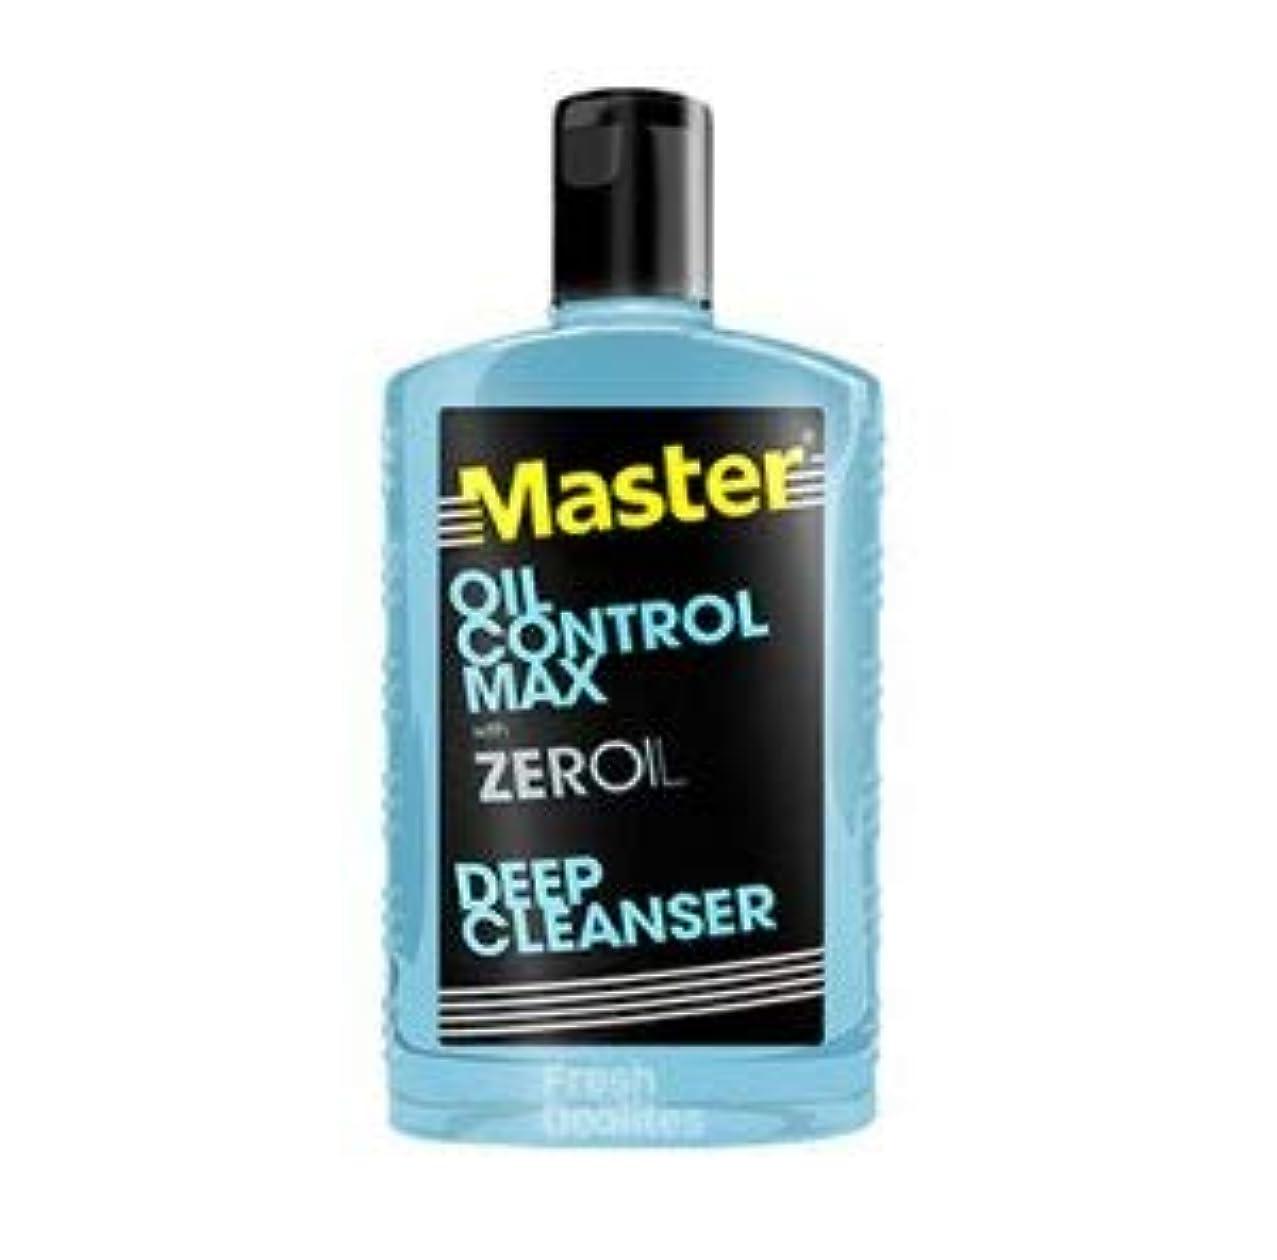 関係ないとまり木変更Master OIL CONTROL MAX with ZEROIL 135ml【PHILIPPINES】